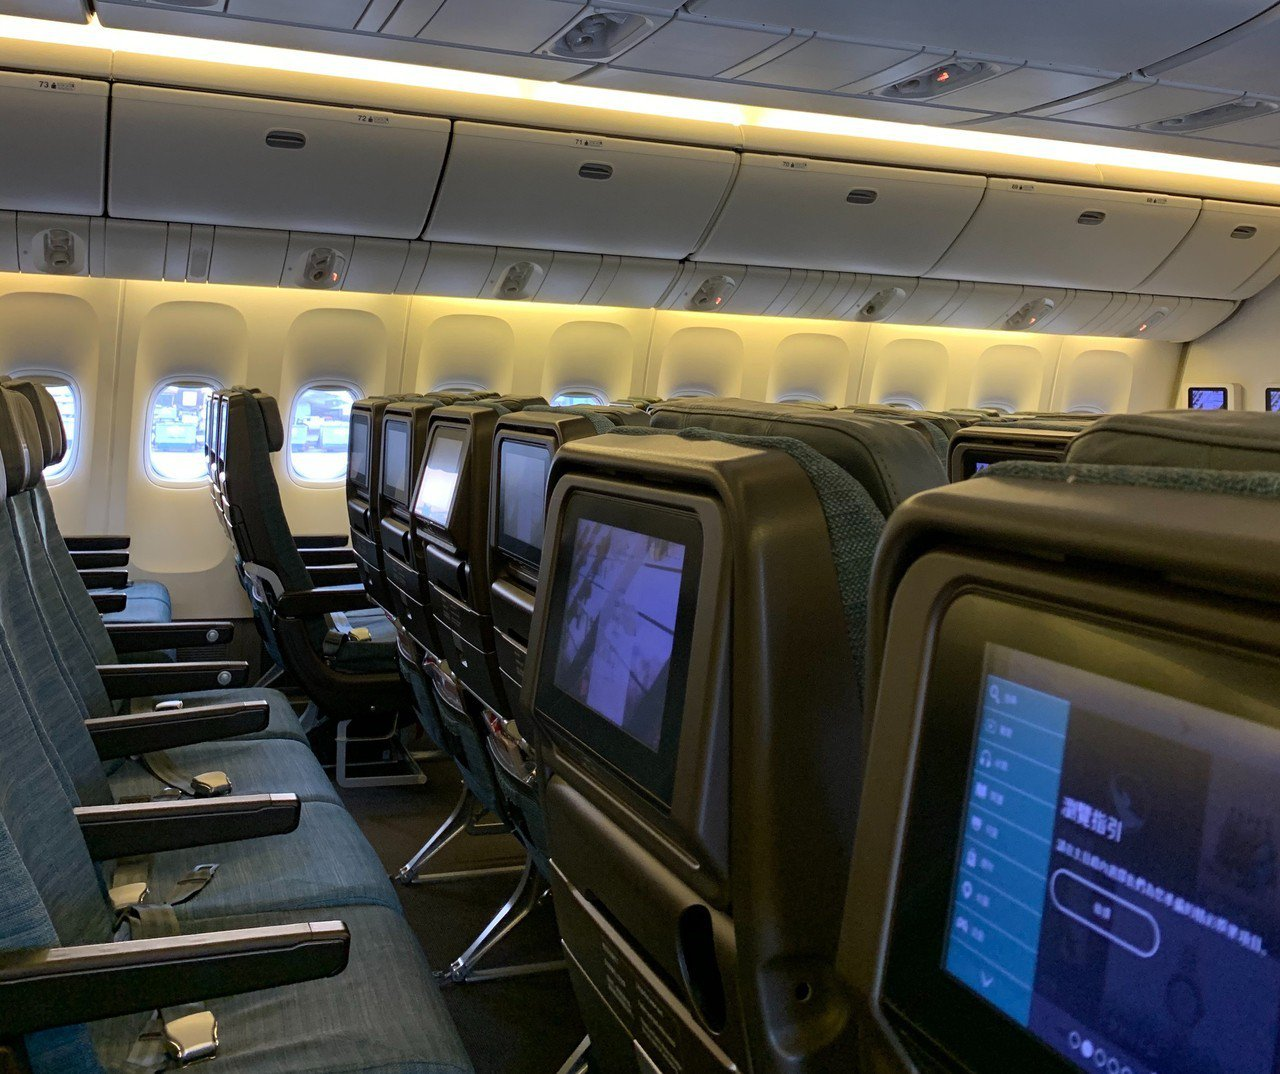 國泰2月底飛往韓國首爾的班機,人數已經寥寥無幾。讀者提供